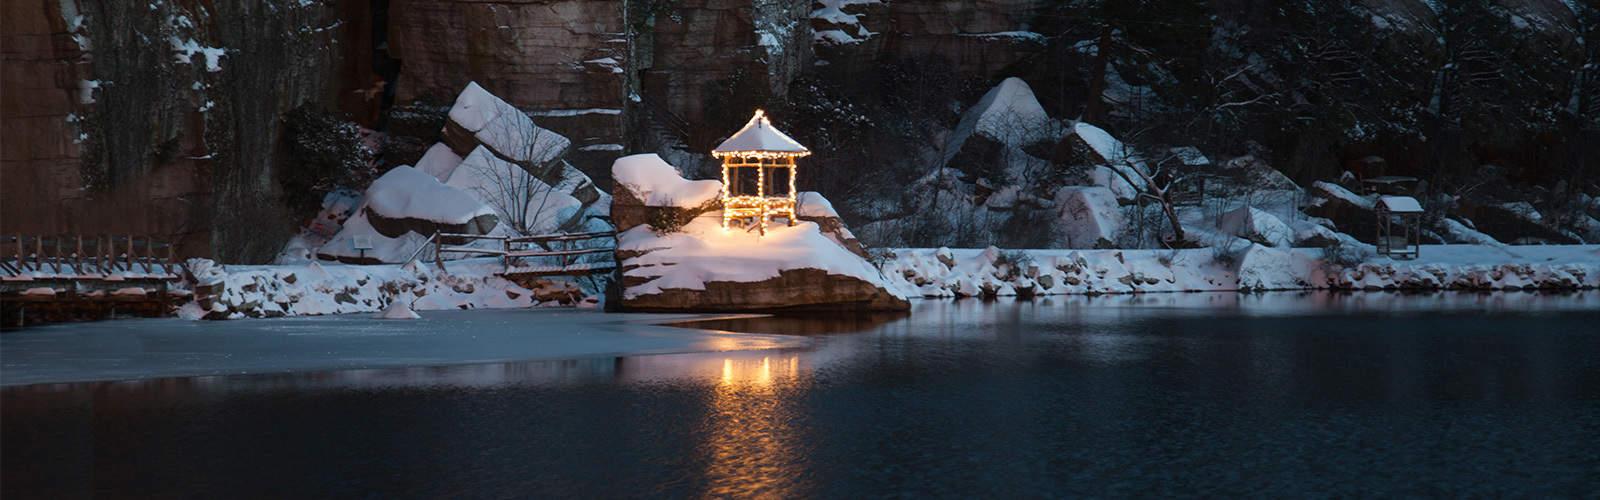 Winter Summerhouse on Mohonk Lake